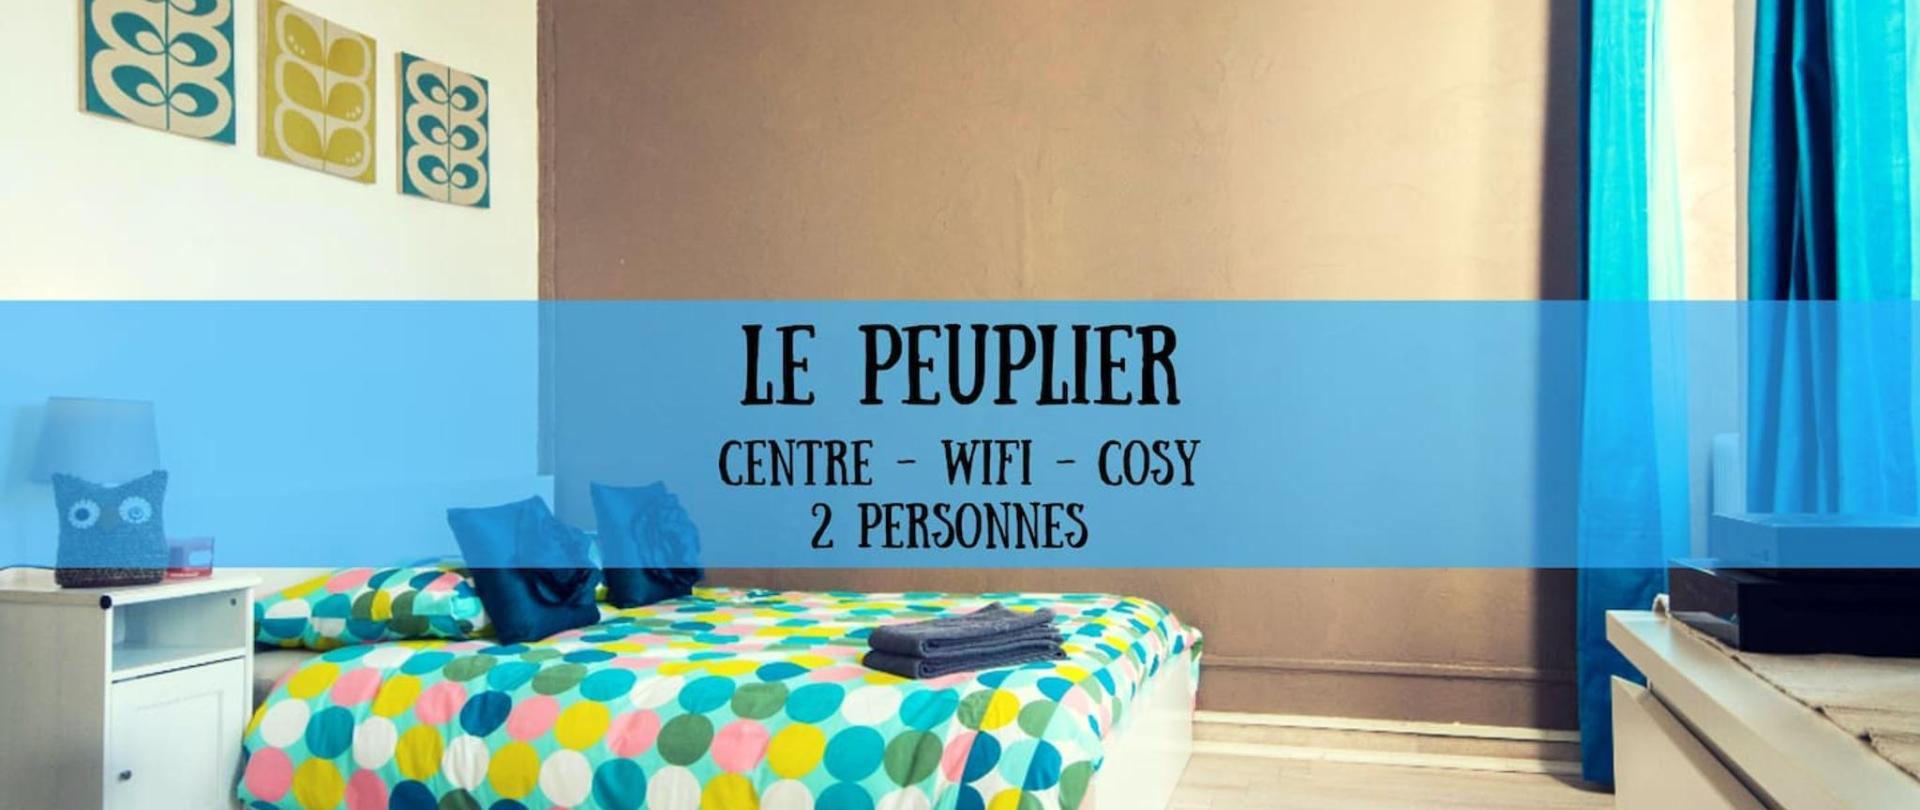 STUDIO LE PEUPLIER - LE FORMEL